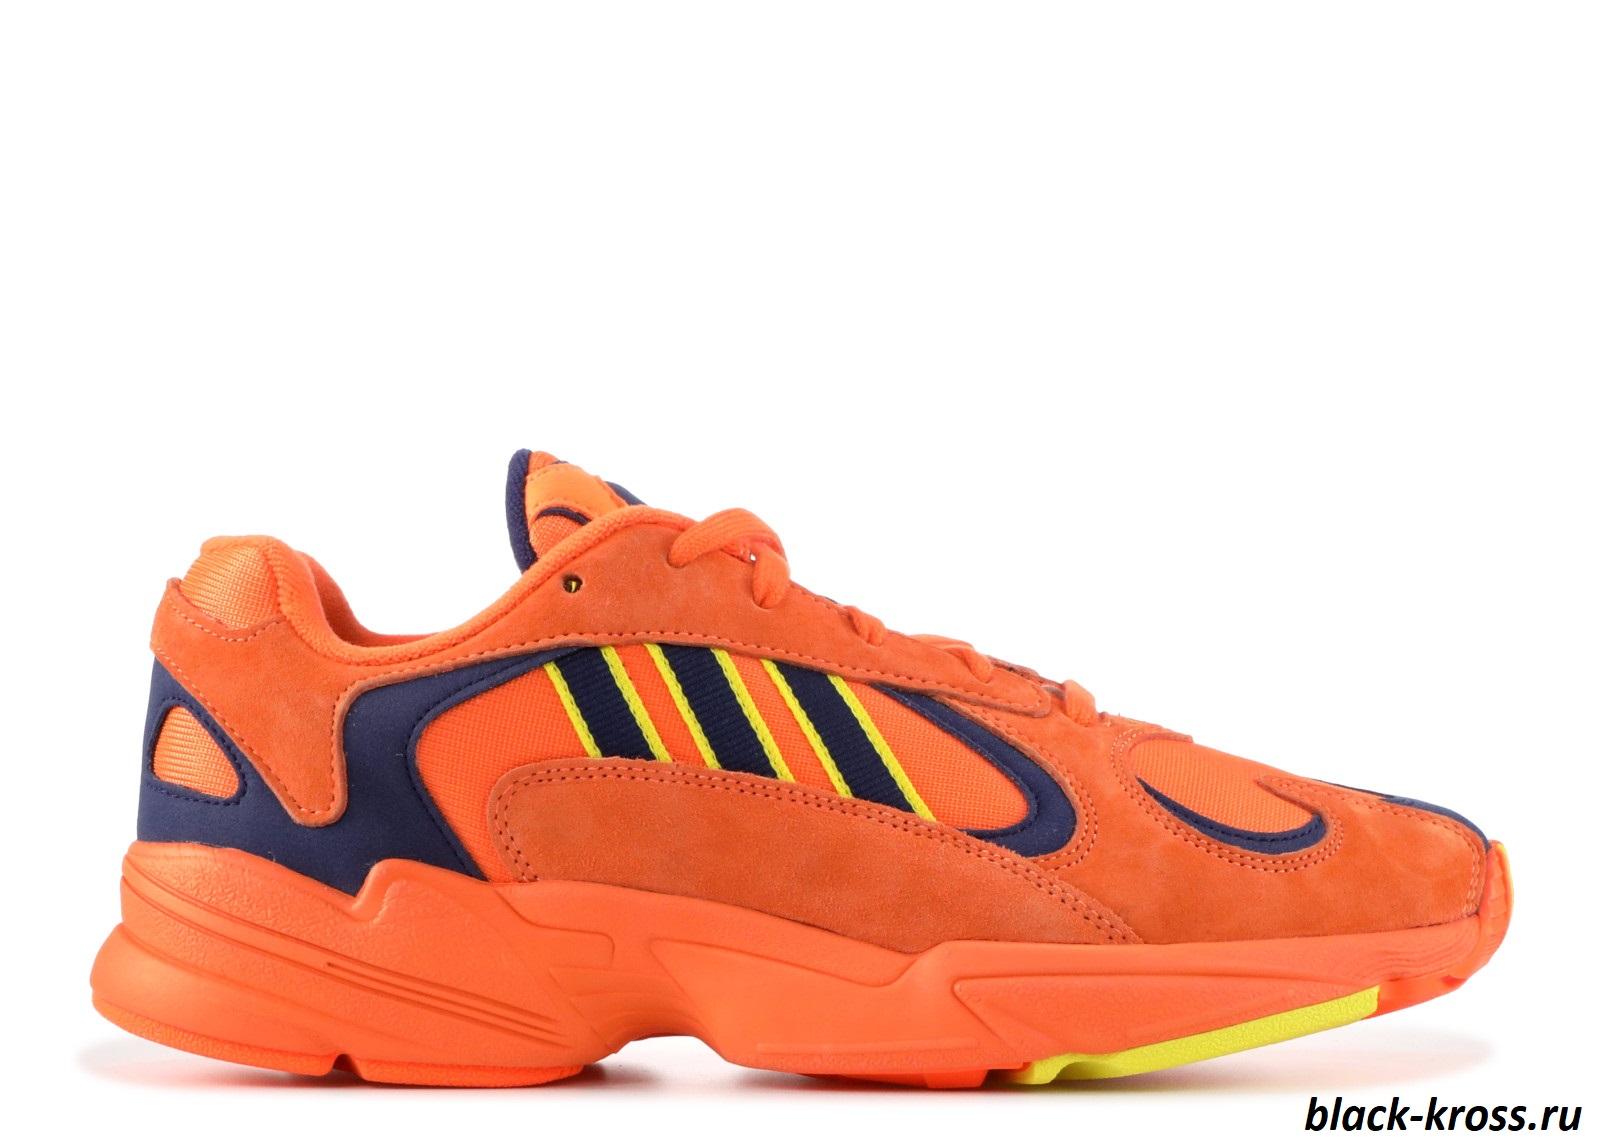 Adidas Yung-1 Orange (36-45)